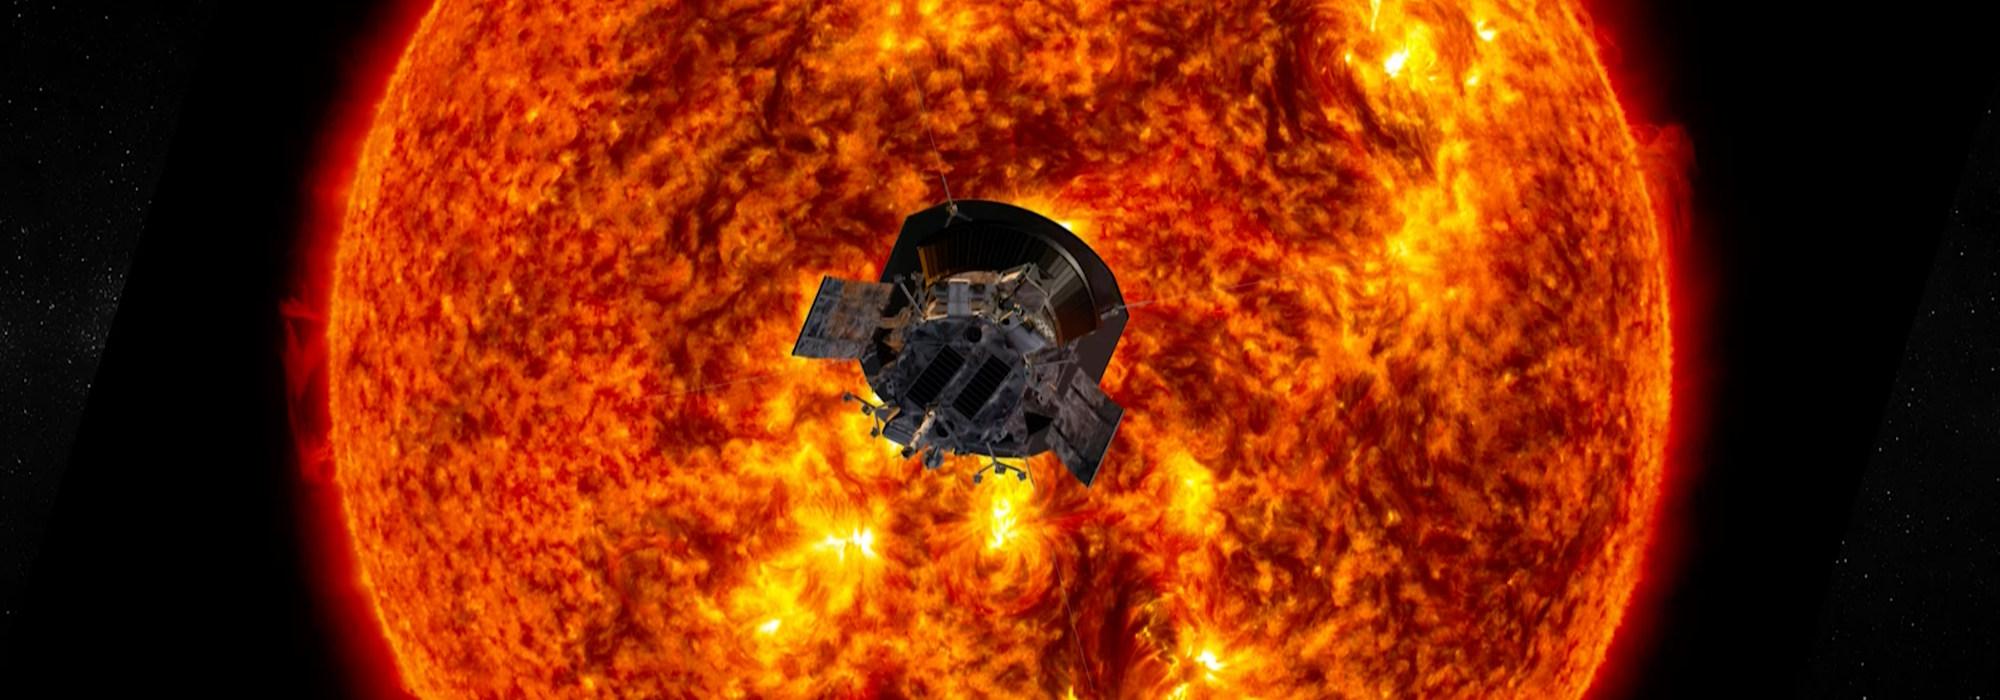 Parker Güneş Sondası, Güneş'e Dokunacak